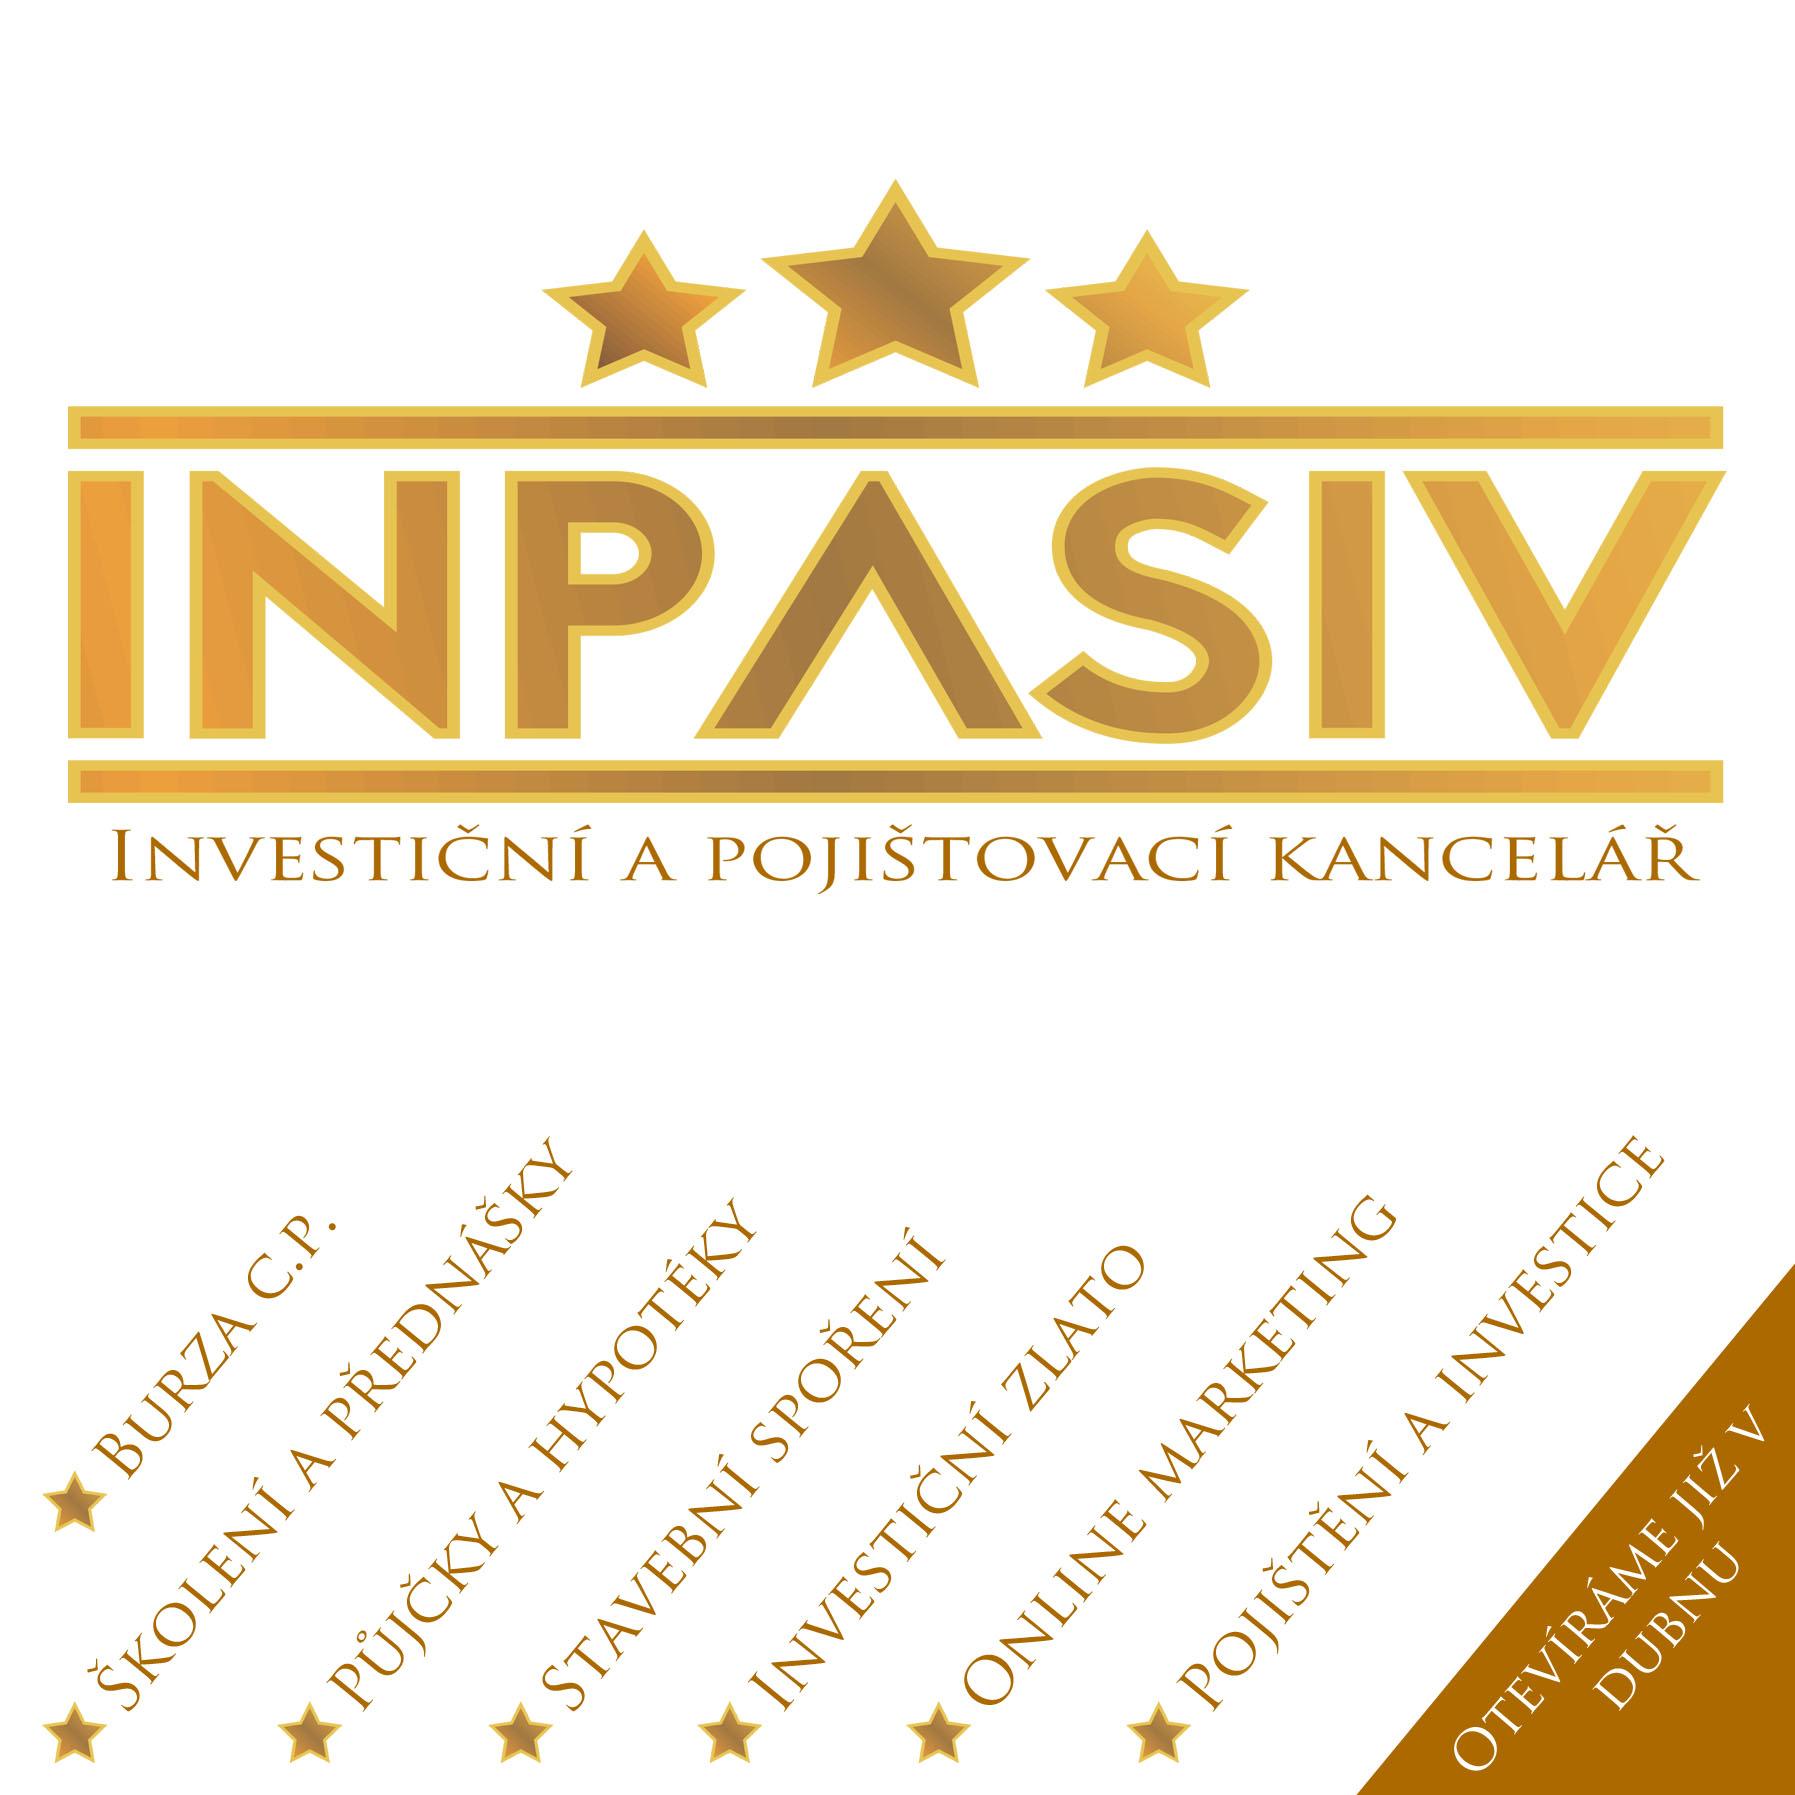 logo firmy Inpasiv